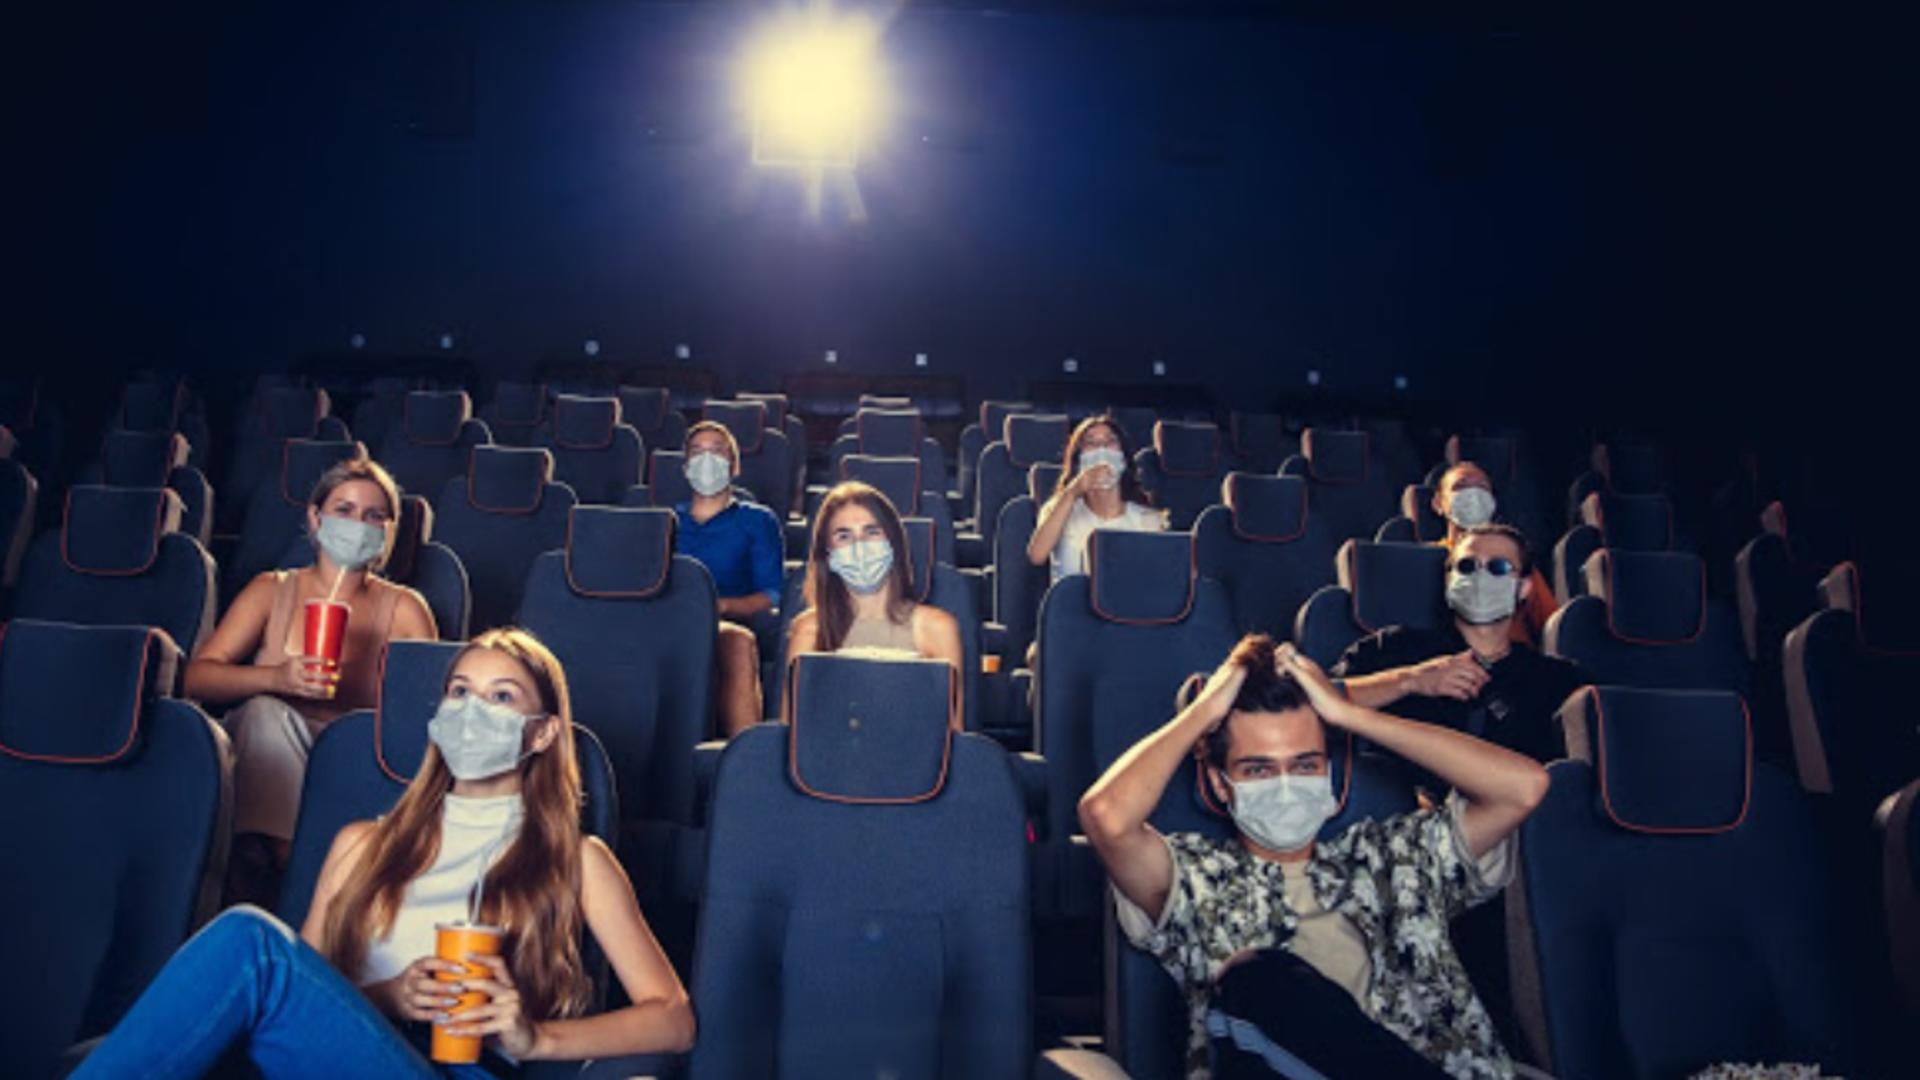 Spectacole cu sali aproape goale din cauza pandemiei